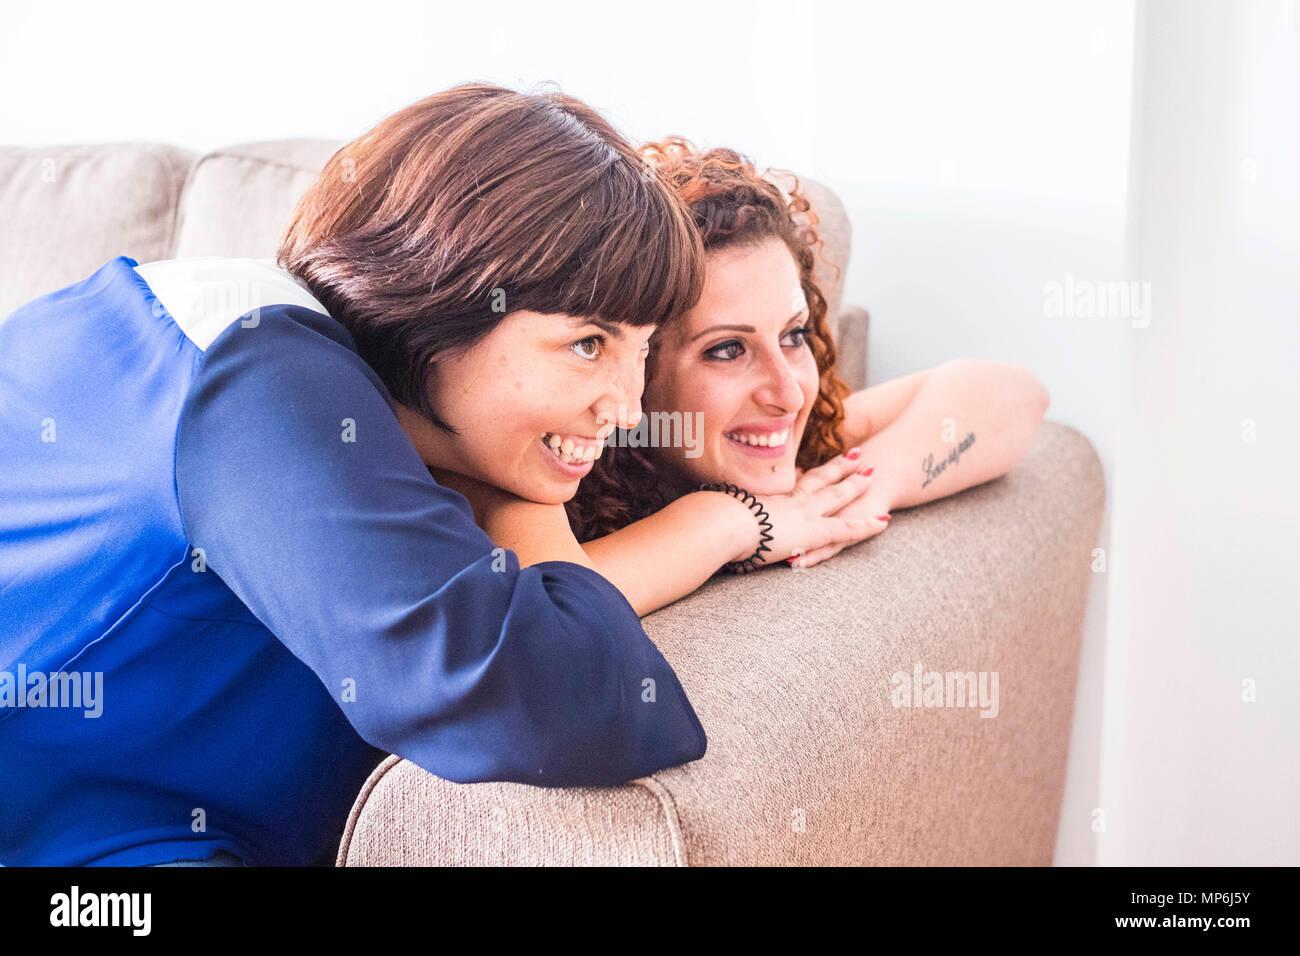 Paar od zwei Frauen Freunde nahe zusammen auf dem Sofa lächeln und Spaß. Freundschaft oder Beziehung zu Hause indoor mit schönen Lebensstil so bleiben Stockfoto